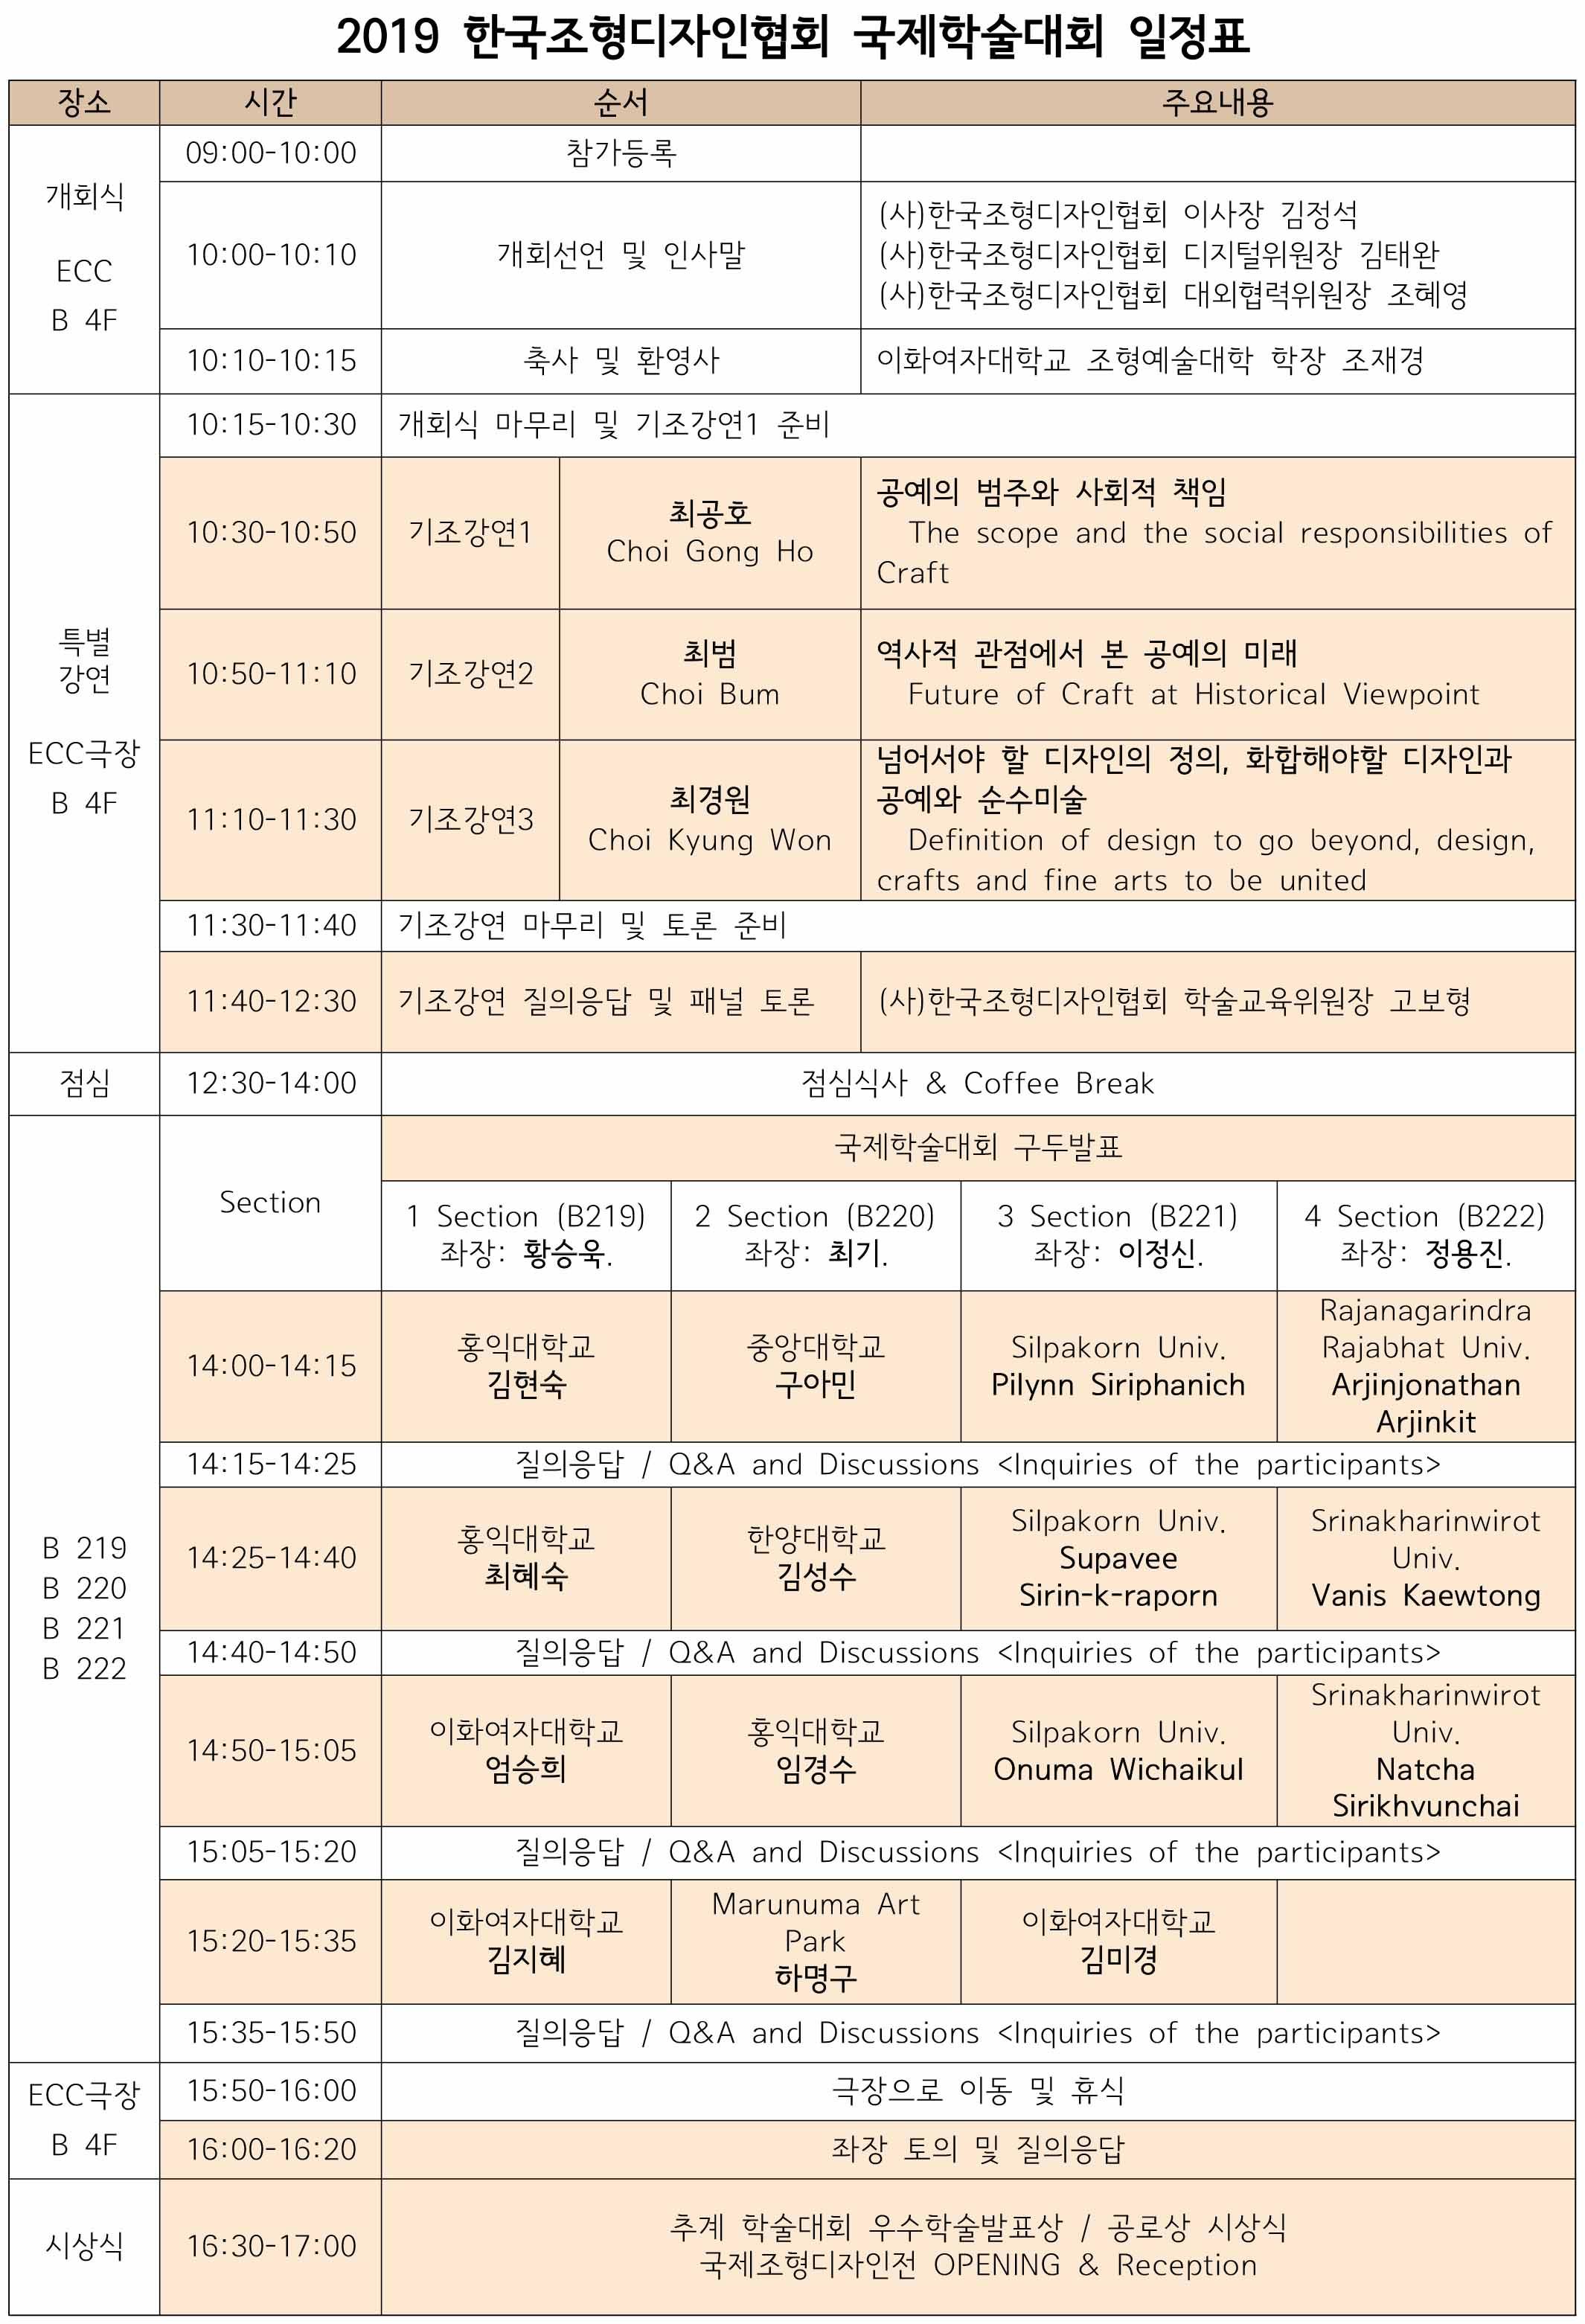 2019 국제학술대회 및 조형디자인전 일정표 및 약도 안내@-3.jpg